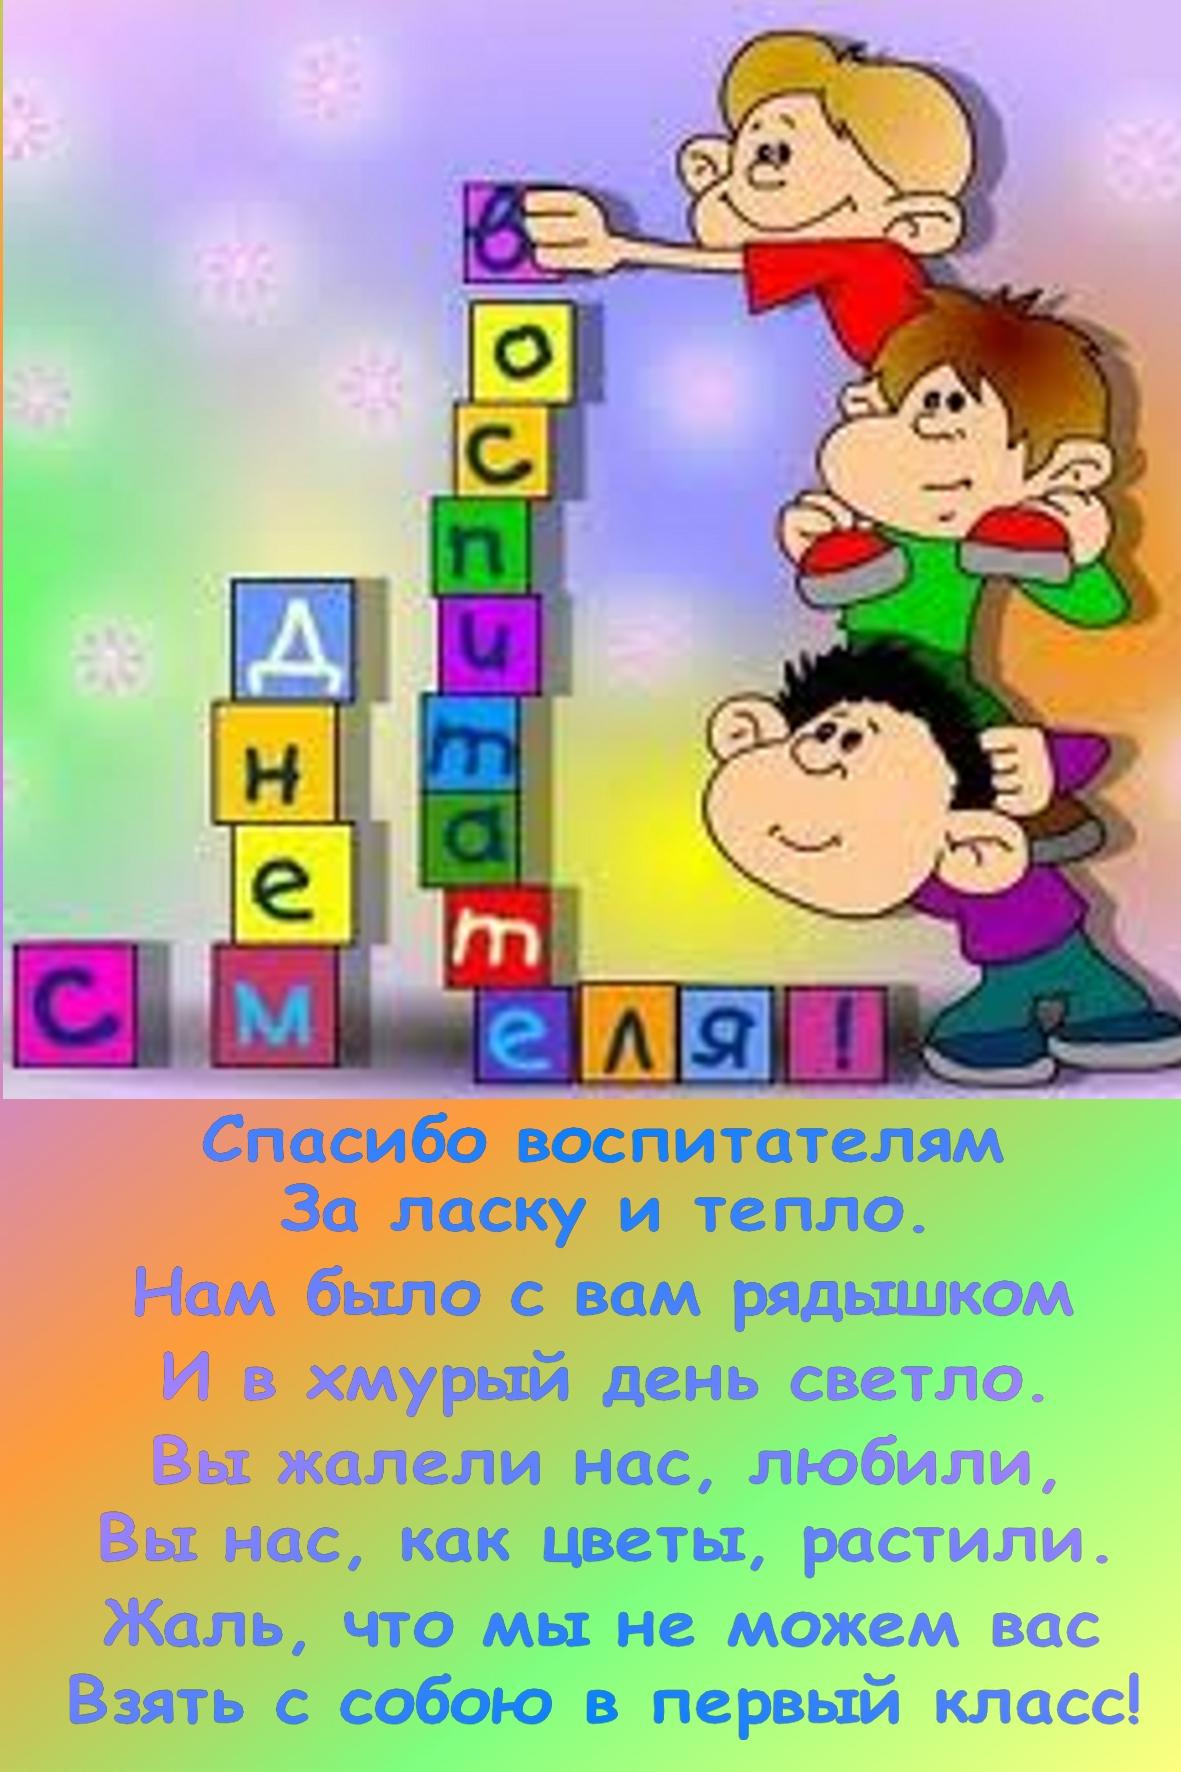 Поздравления для воспитателей с днем рождения 69